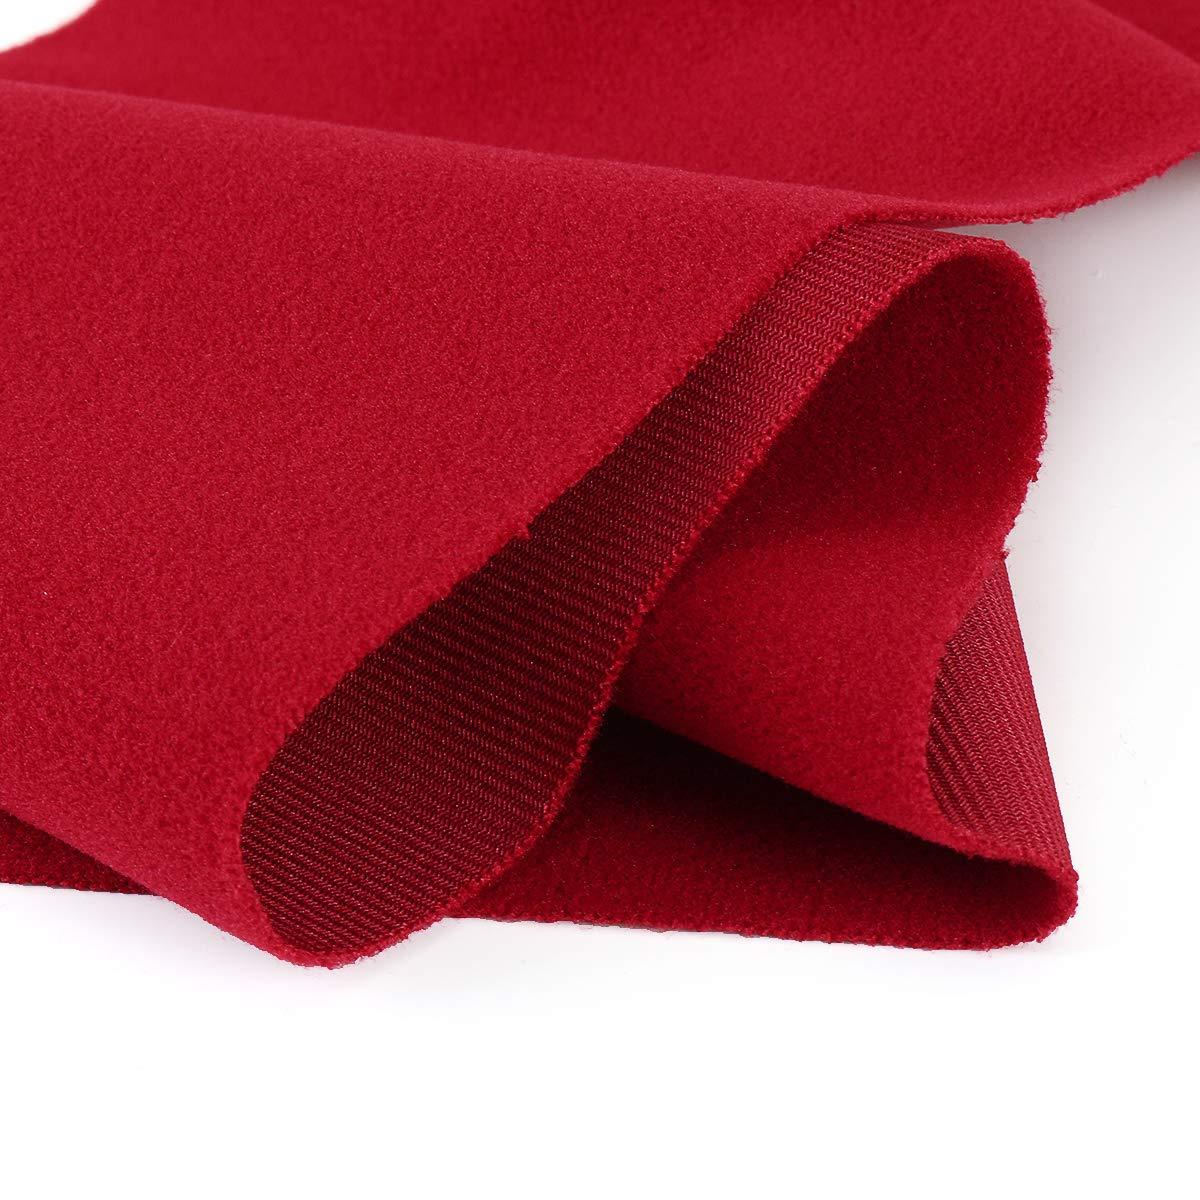 TOPWA - Mantel de billar profesional para mesa de billar de 9 pies, fieltro, 6 tiras de fieltro, accesorios, fieltro de tela para billar, rojo, 2.8x1.42m: Amazon.es: Deportes y aire libre